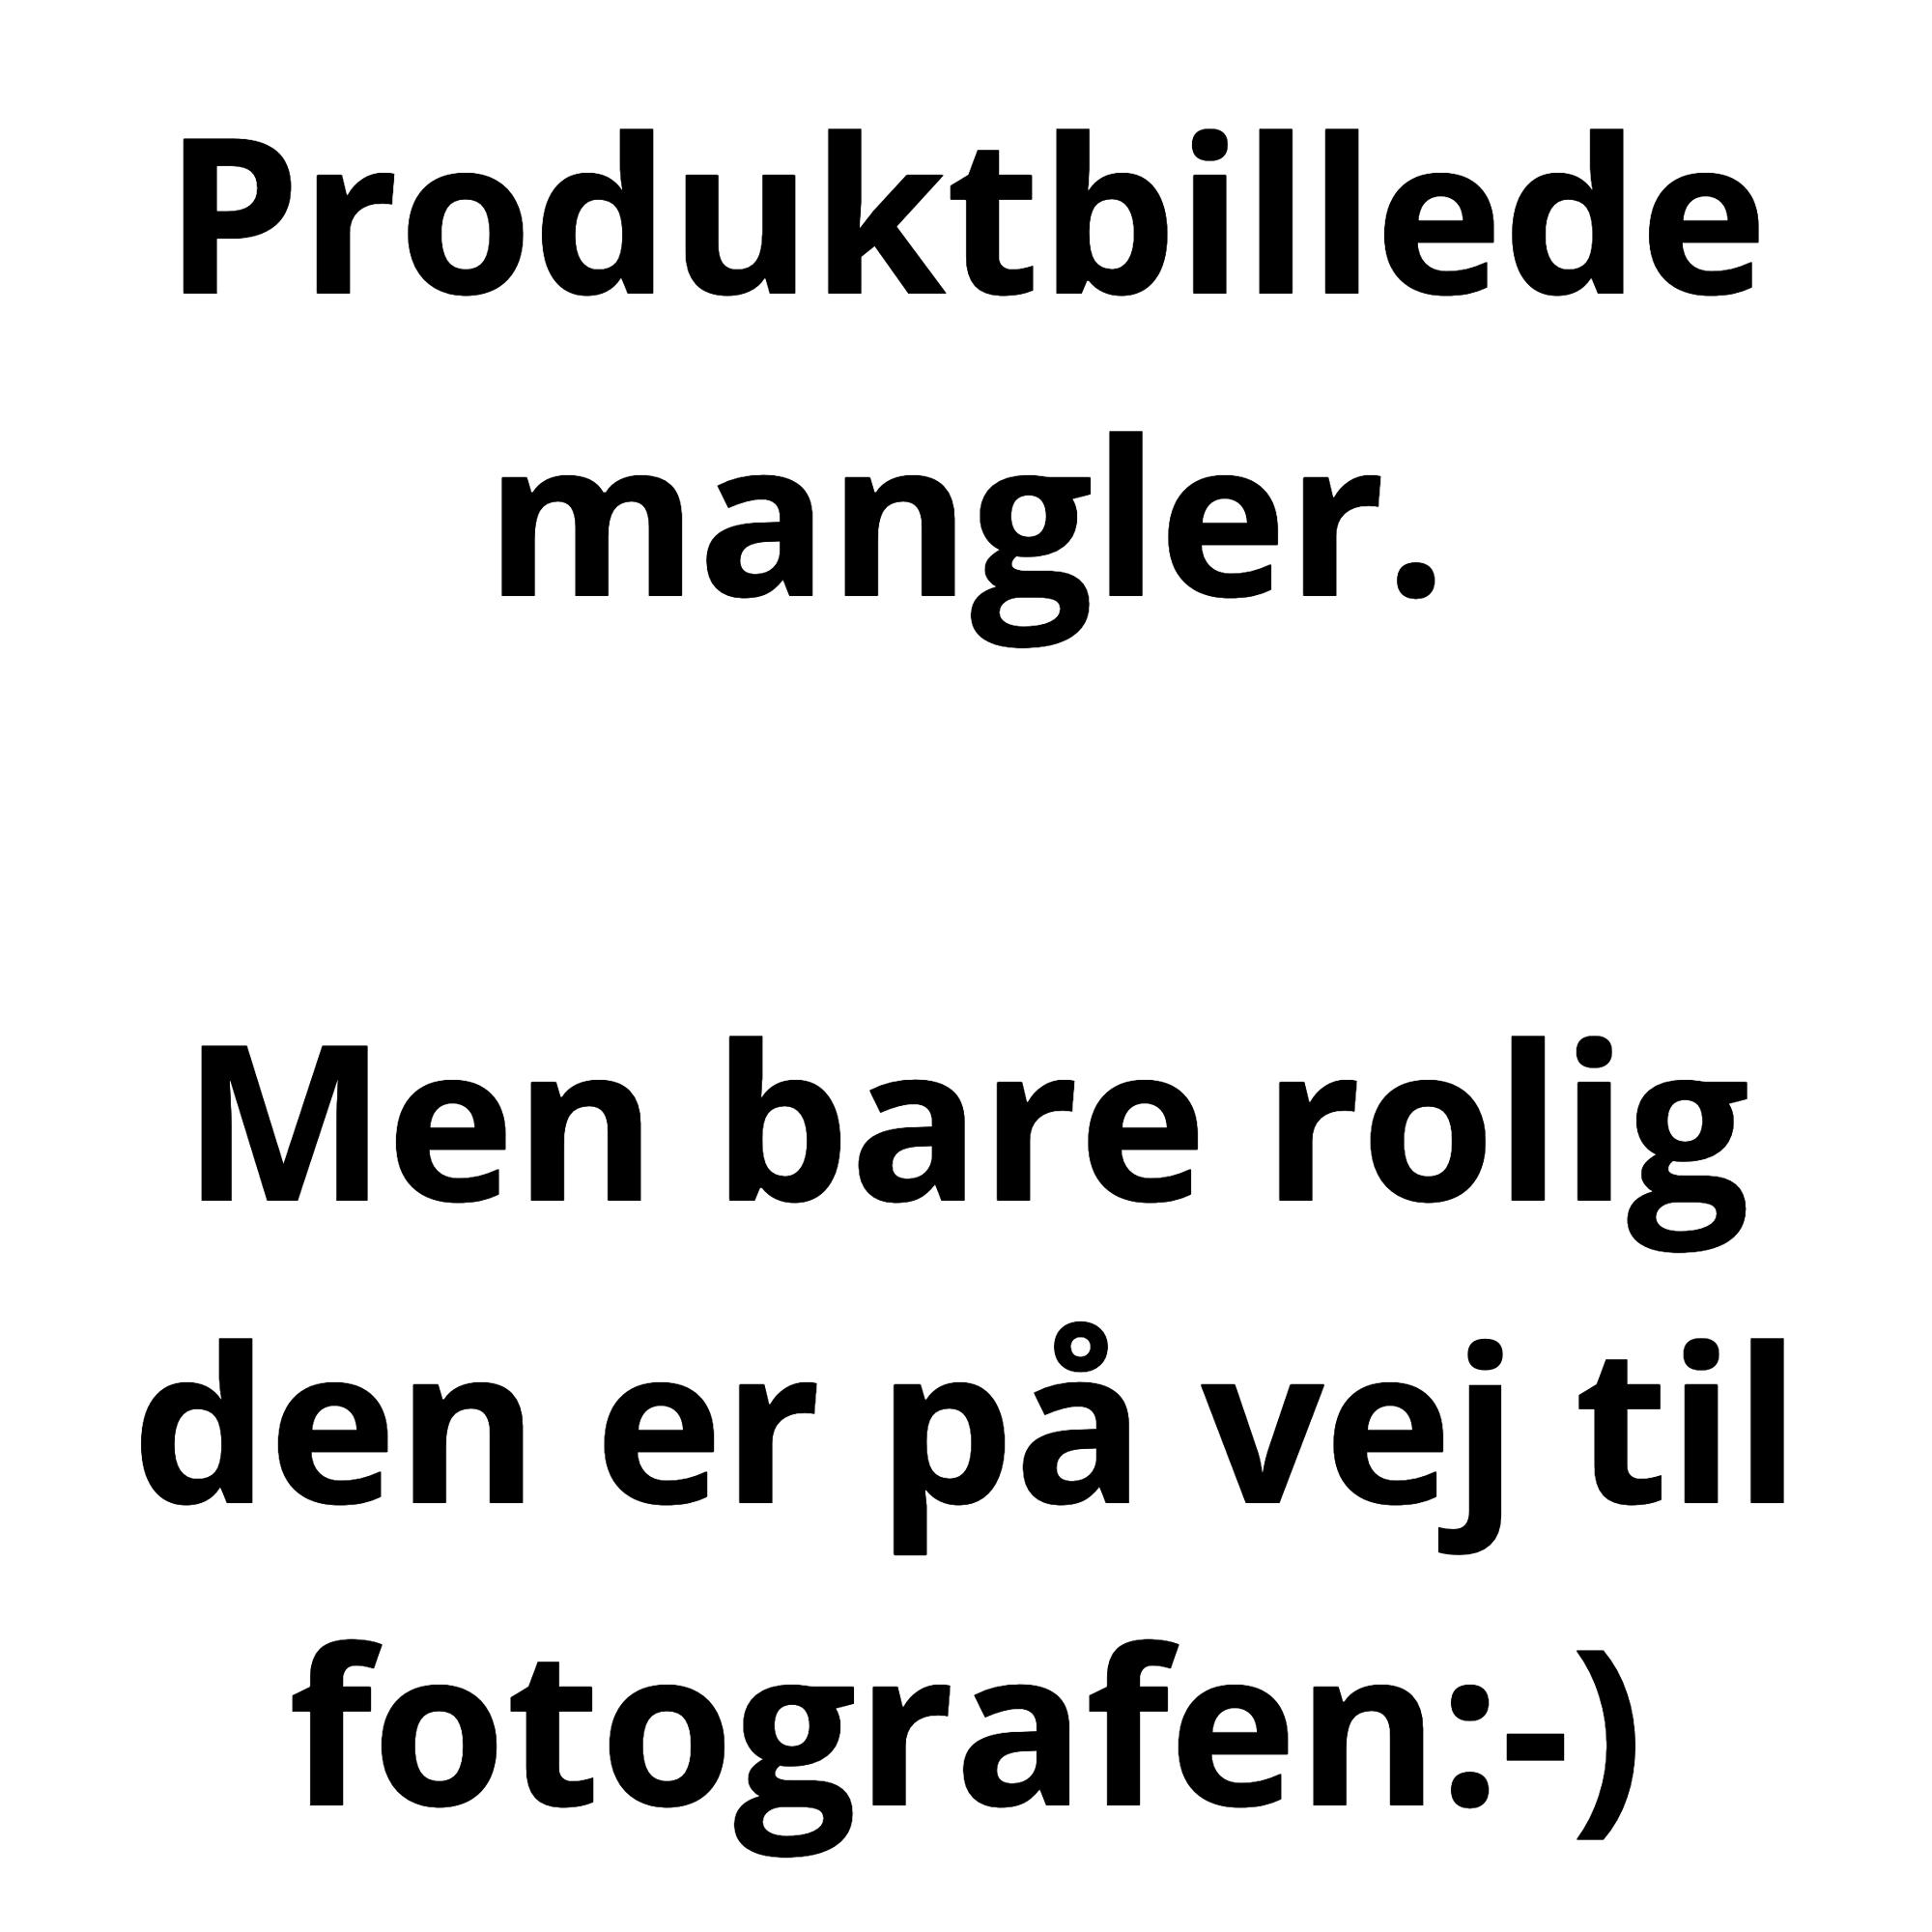 Brodit Passiv mobilholder til Apple iPhone 5/5S/5C m. Beskyttelsescover - 511431